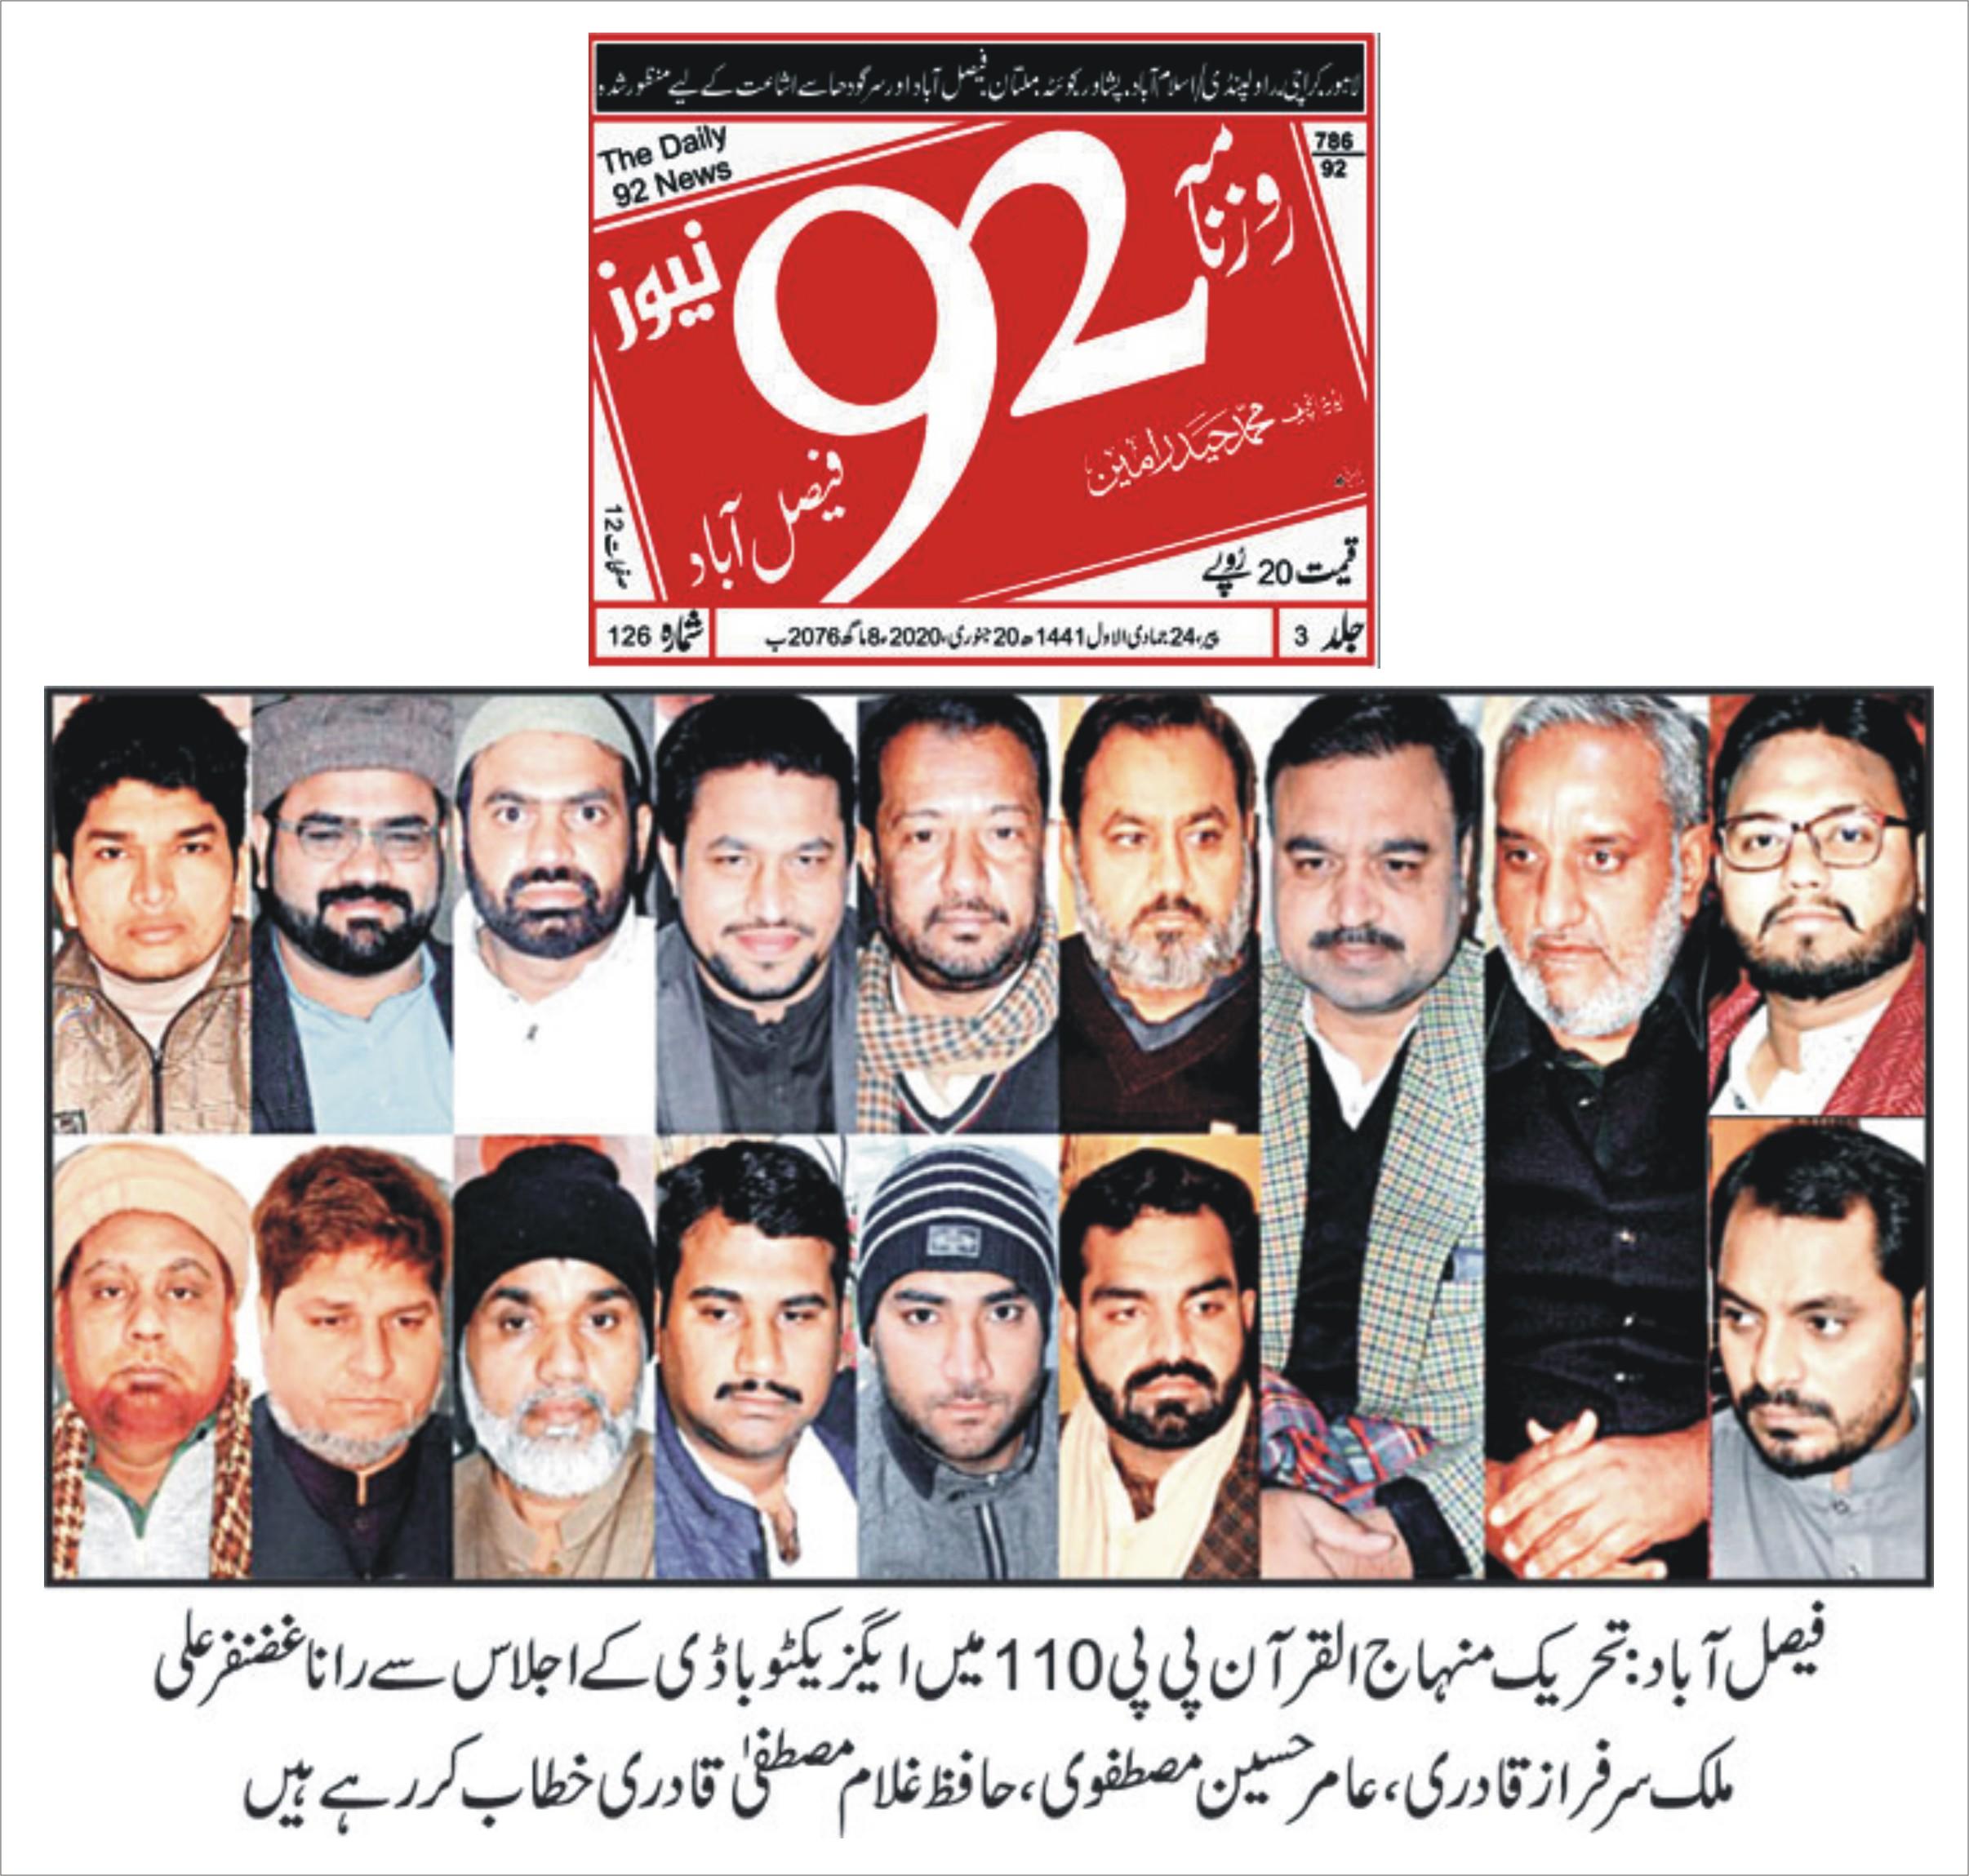 تحریک منہاج القرآن Pakistan Awami Tehreek  Print Media Coverage پرنٹ میڈیا کوریج Daily 92 News page 9